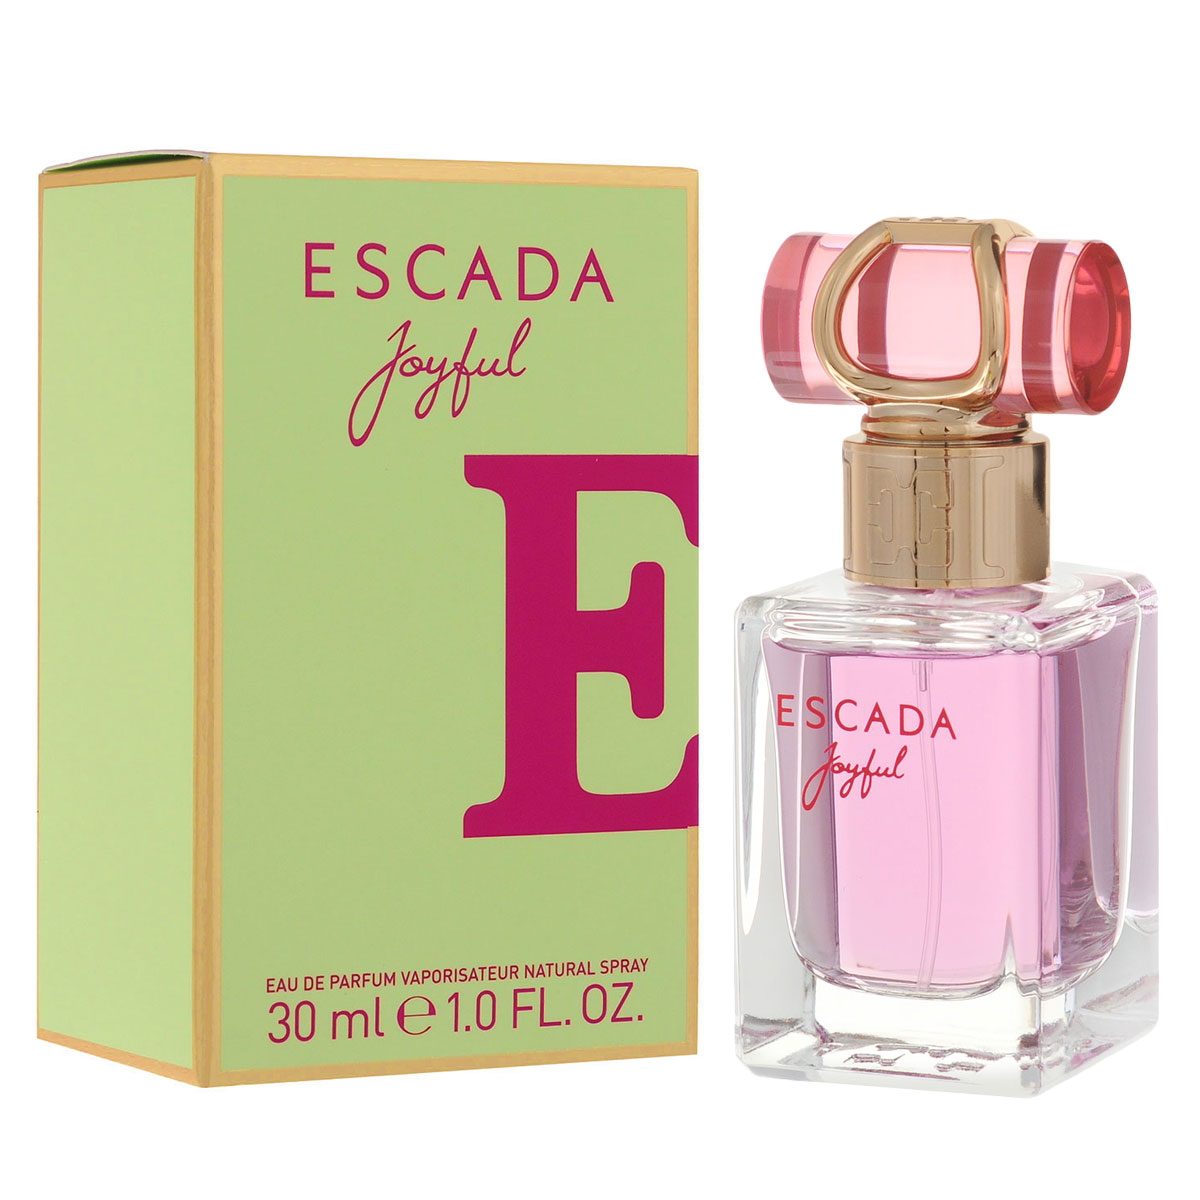 Escada Парфюмерная вода Joyful, женская, 30 мл0737052778266Нежный и легкий, словно мерцающая утренняя роса, ESCADA Joyful – это восхитительный цветочный аромат. Насыщенный аромат магнолии и розового пиона придает аромату глубину, выразительность и изысканный характер. Верхние ноты Аромат открывается аккордом сорбета из черной смородины, который дарит коже ощущение свежести и прохлады. Энергичные ноты мандарина и дыни придают композиции игривость и свободу духа. Сердечные ноты Фруктовые аккорды гармонично дополняются нотами листьев фиалки, в то время как розовый пион добавляет жизнерадостности. Натуральное масло магнолии придает особую свежесть, которую усиливают острые ноты розовой фрезии и цикламена. Базовые ноты Теплый шлейф содержит уникальный компонент, Florimoss, придающий композиции землистые оттенки, окутанные нотами теплого сливочного сандалового дерева и роскошных медовых сот. Все это создает идеальное обрамление и добавляет насыщенности цветочным ингредиентам.Верхняя нота: сорбет из черной смородины, мандарина и дыни.Средняя нота: листья фиалки, розовый пион и цикламен.Шлейф: сандаловое дерево и роскошные медовые соты.Аромат наполнен нотами свежайших розовых пионов в обрамлении подернутых росой белых цветов.Дневной и вечерний аромат.